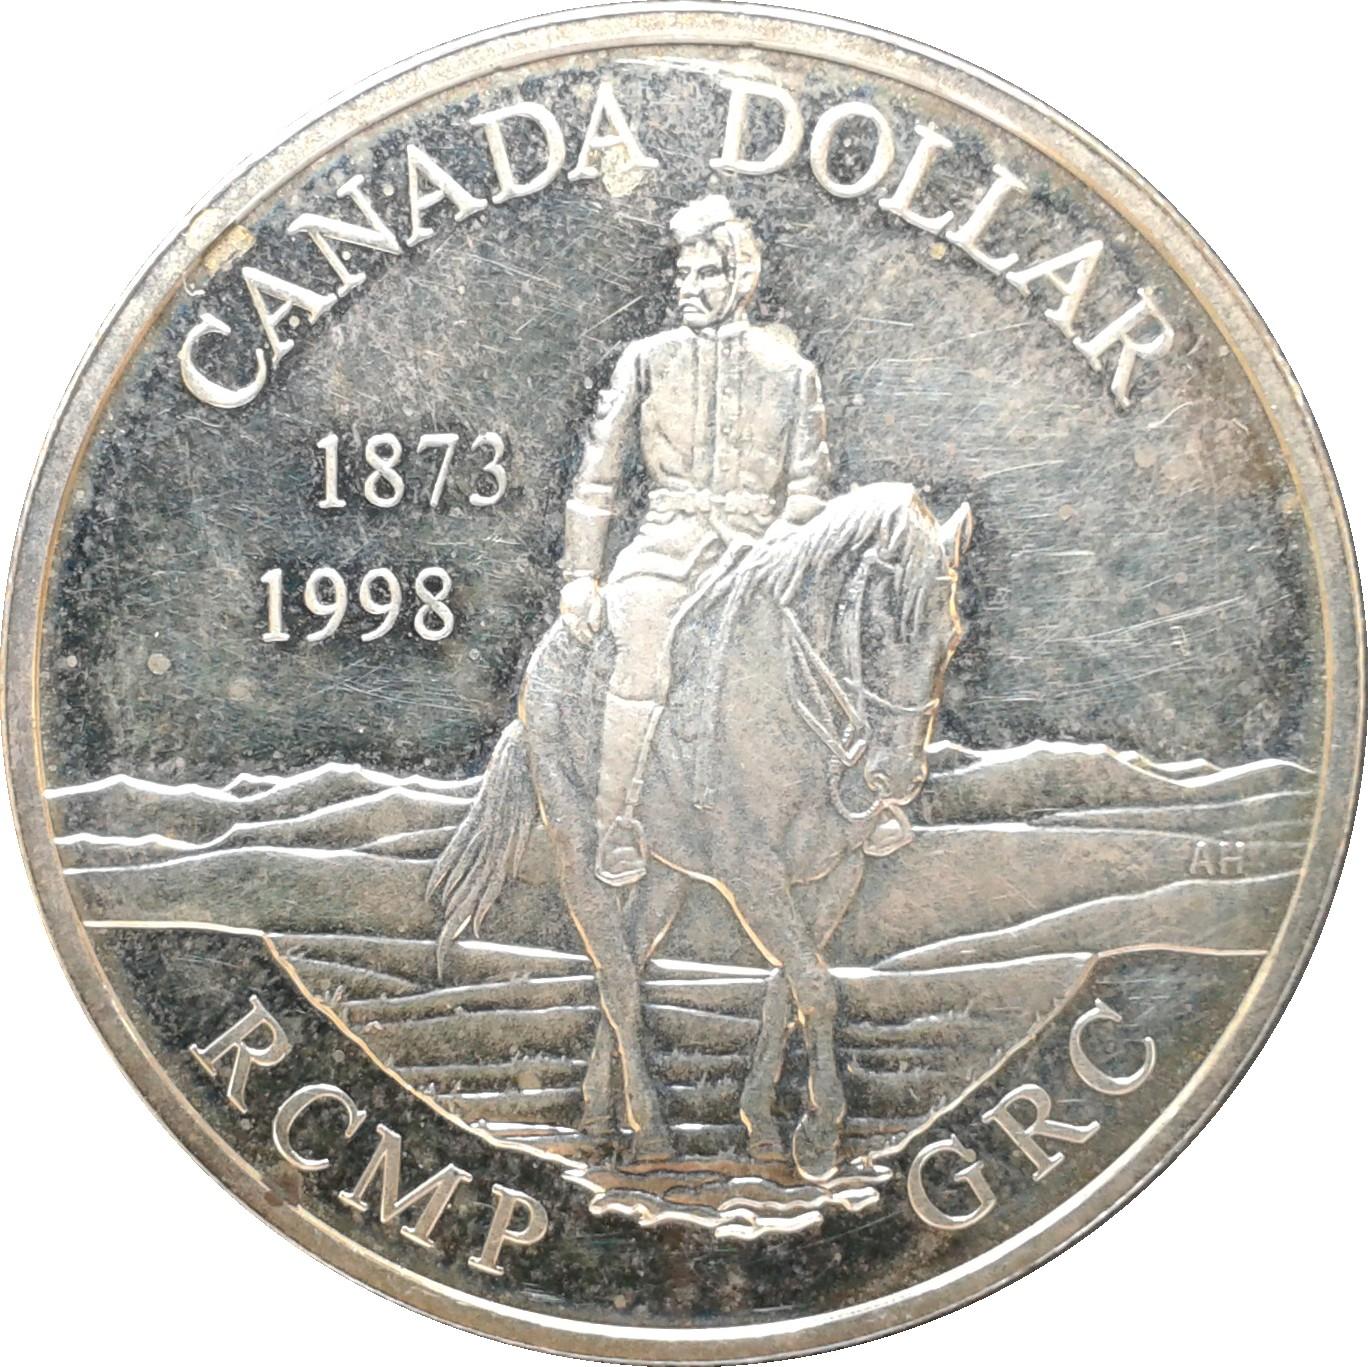 1 Dollar Elizabeth Ii Royal Canadian Mounted Police